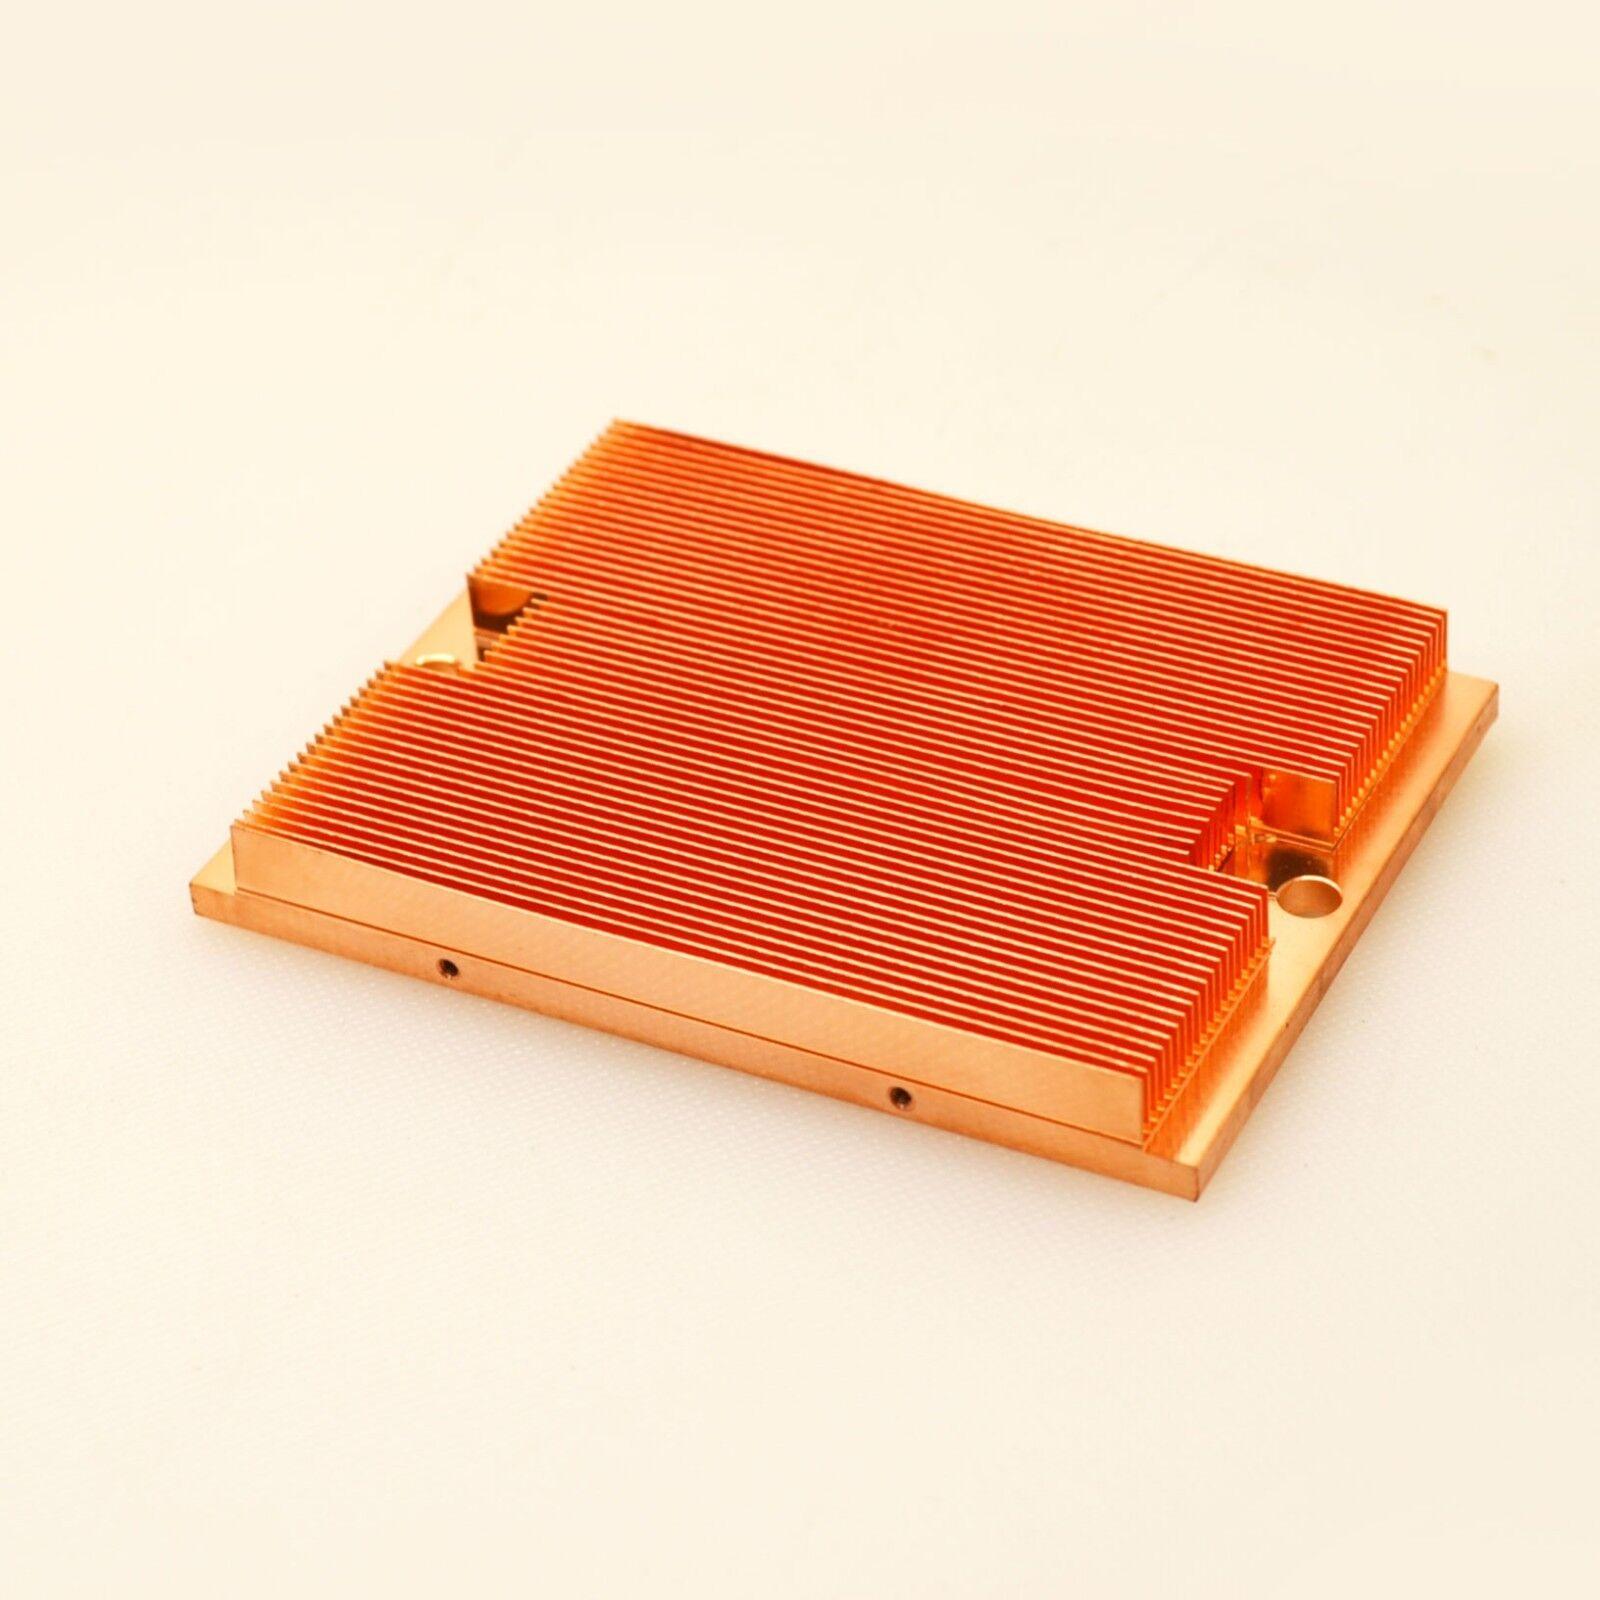 pure copper heat transfer heatsink 3 85